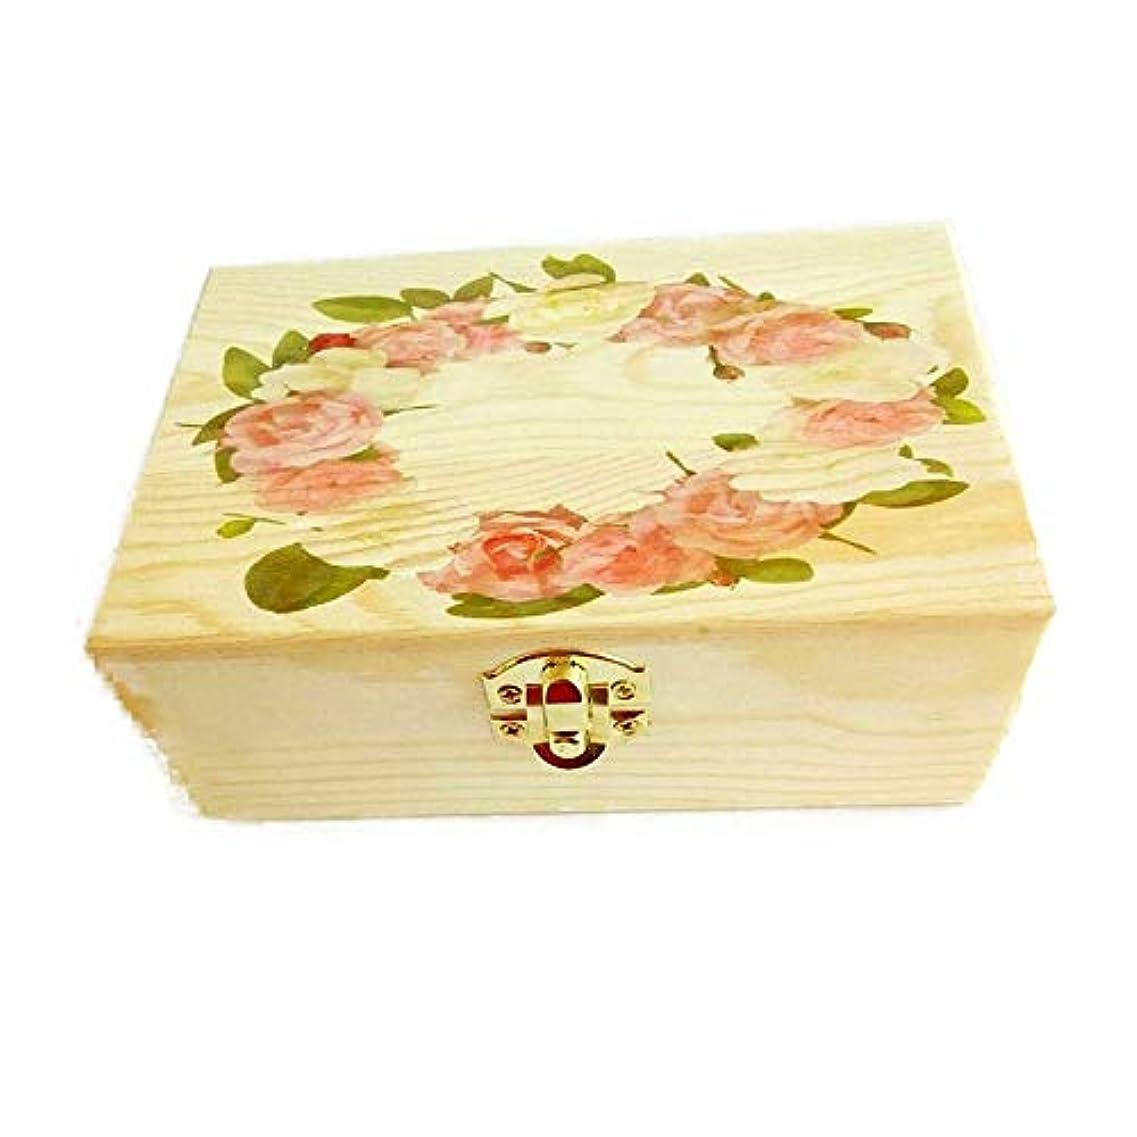 照らす便利会員キャリングそしてホームストレージ表示のための木製のエッセンシャルオイルストレージボックスオーガナイザー アロマセラピー製品 (色 : Natural, サイズ : 15.5X10.5X5.5CM)